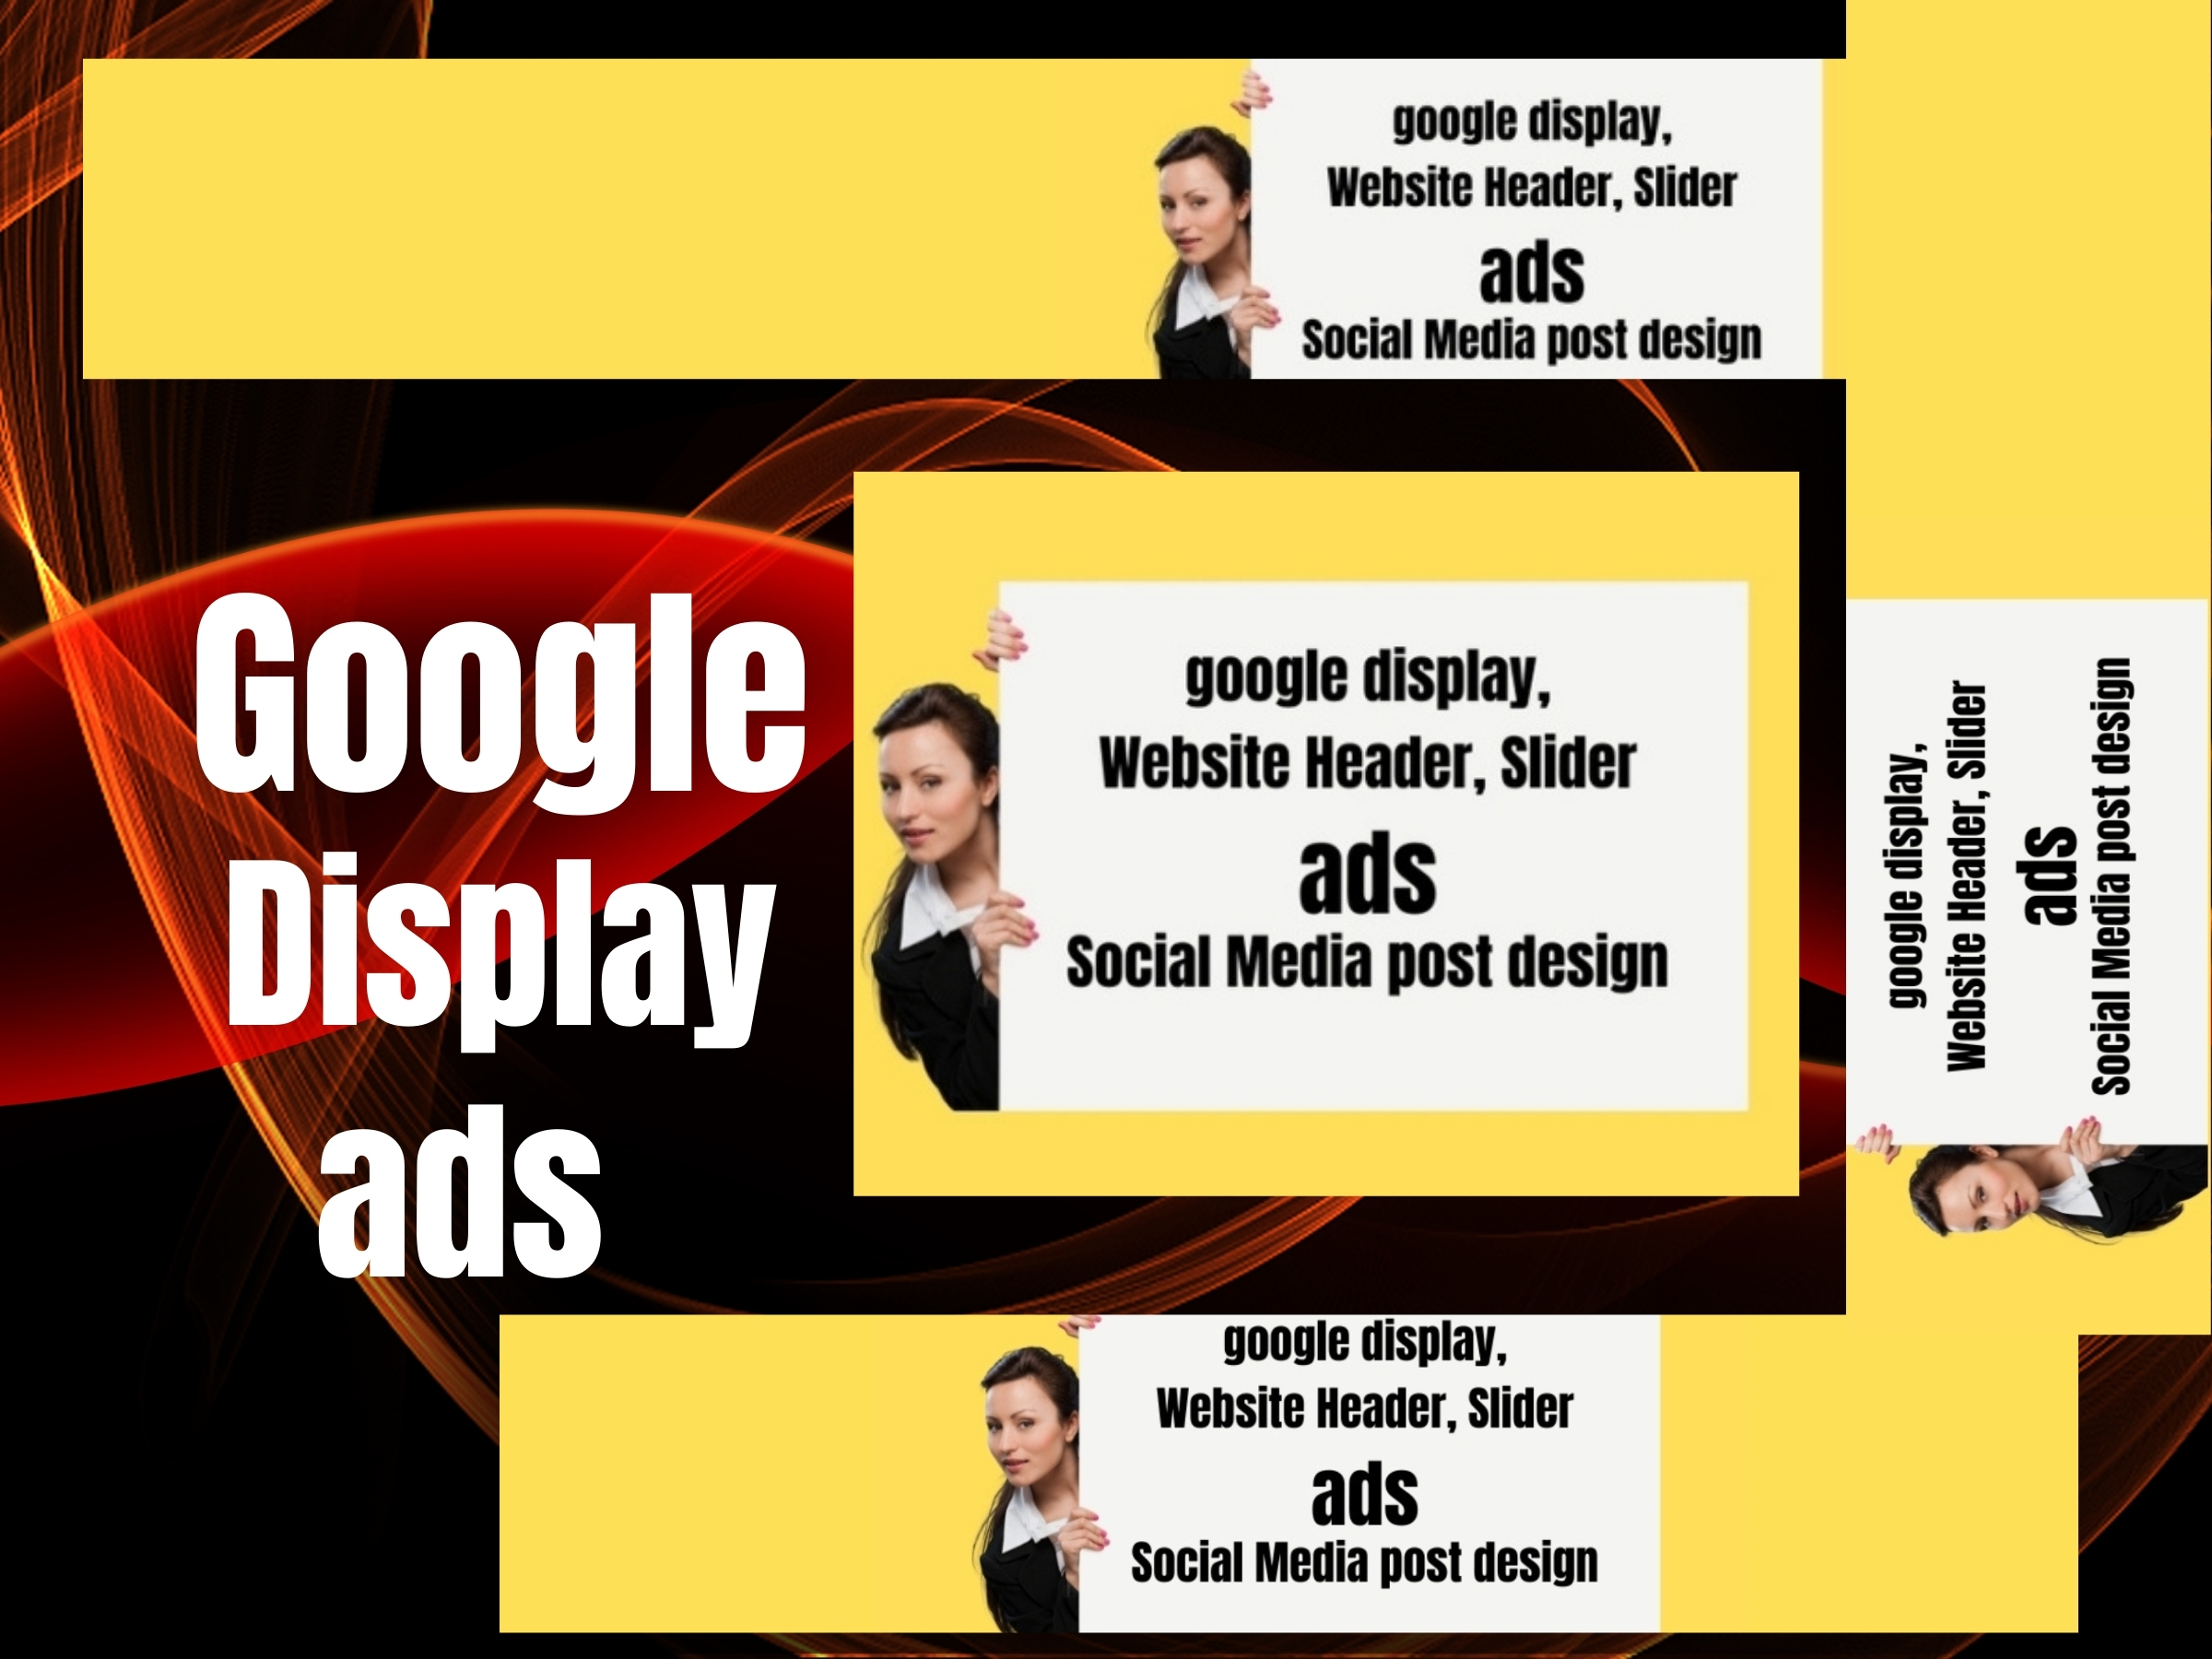 i will design google display ads,  website header,  slider,  social media post